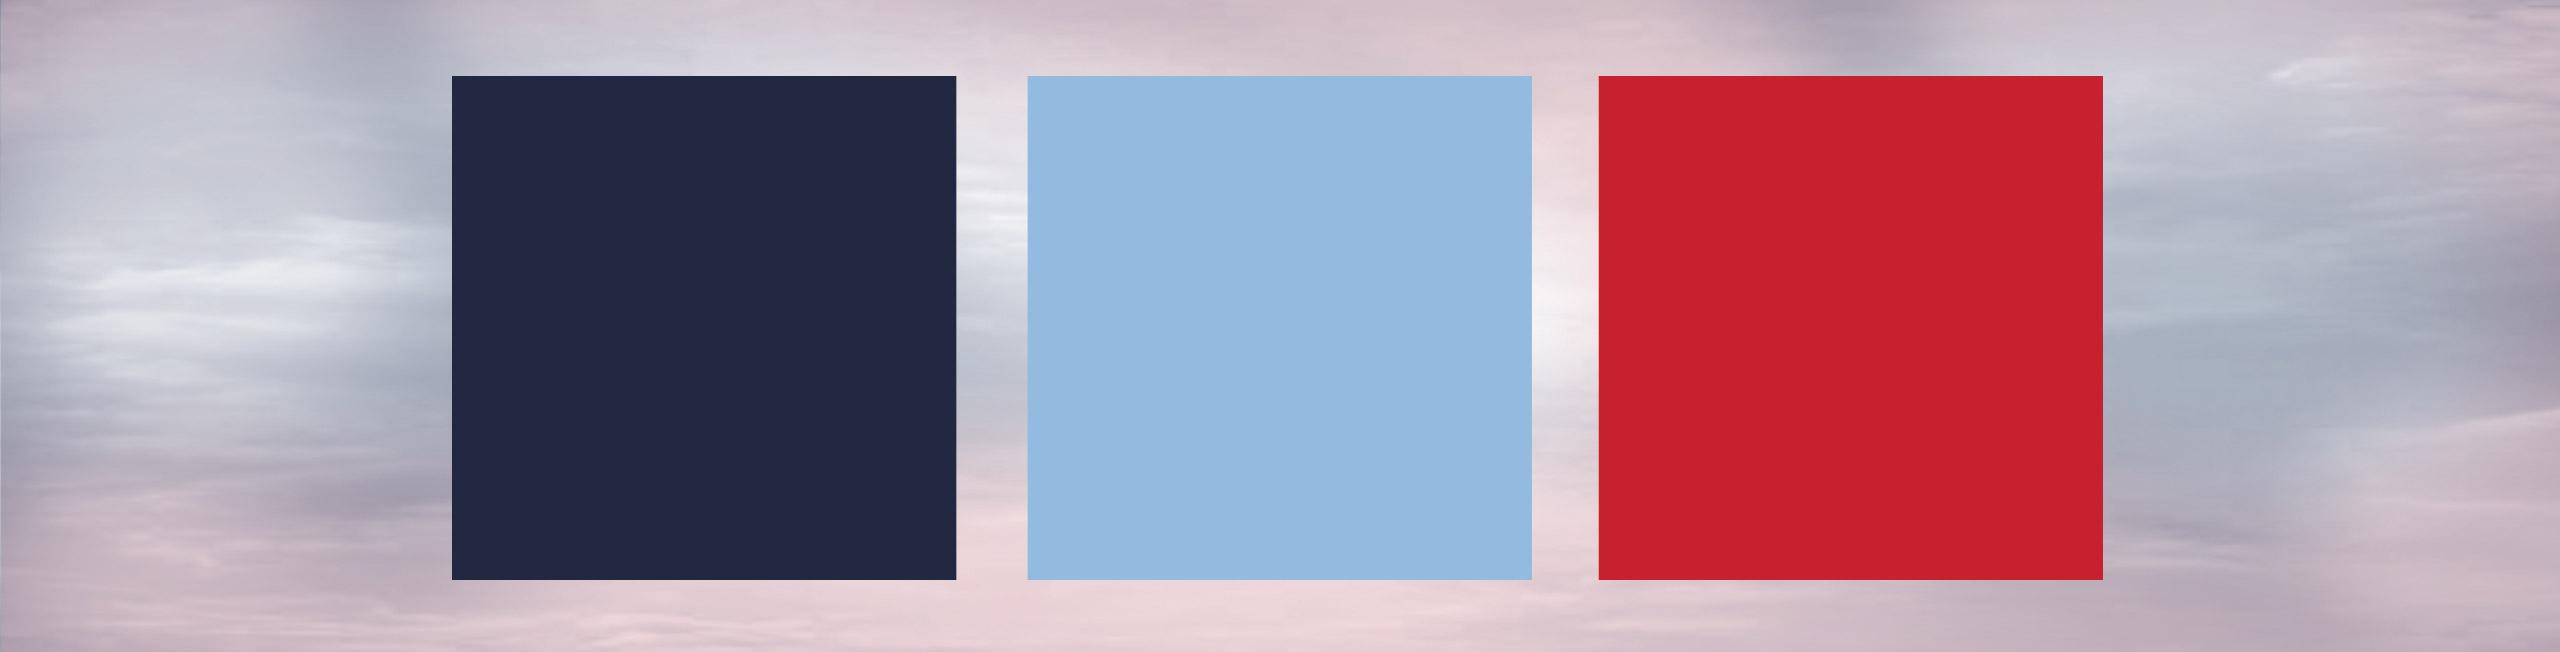 Colori ispirati elle divise doppiopetto quindi rosso, blu, bianco